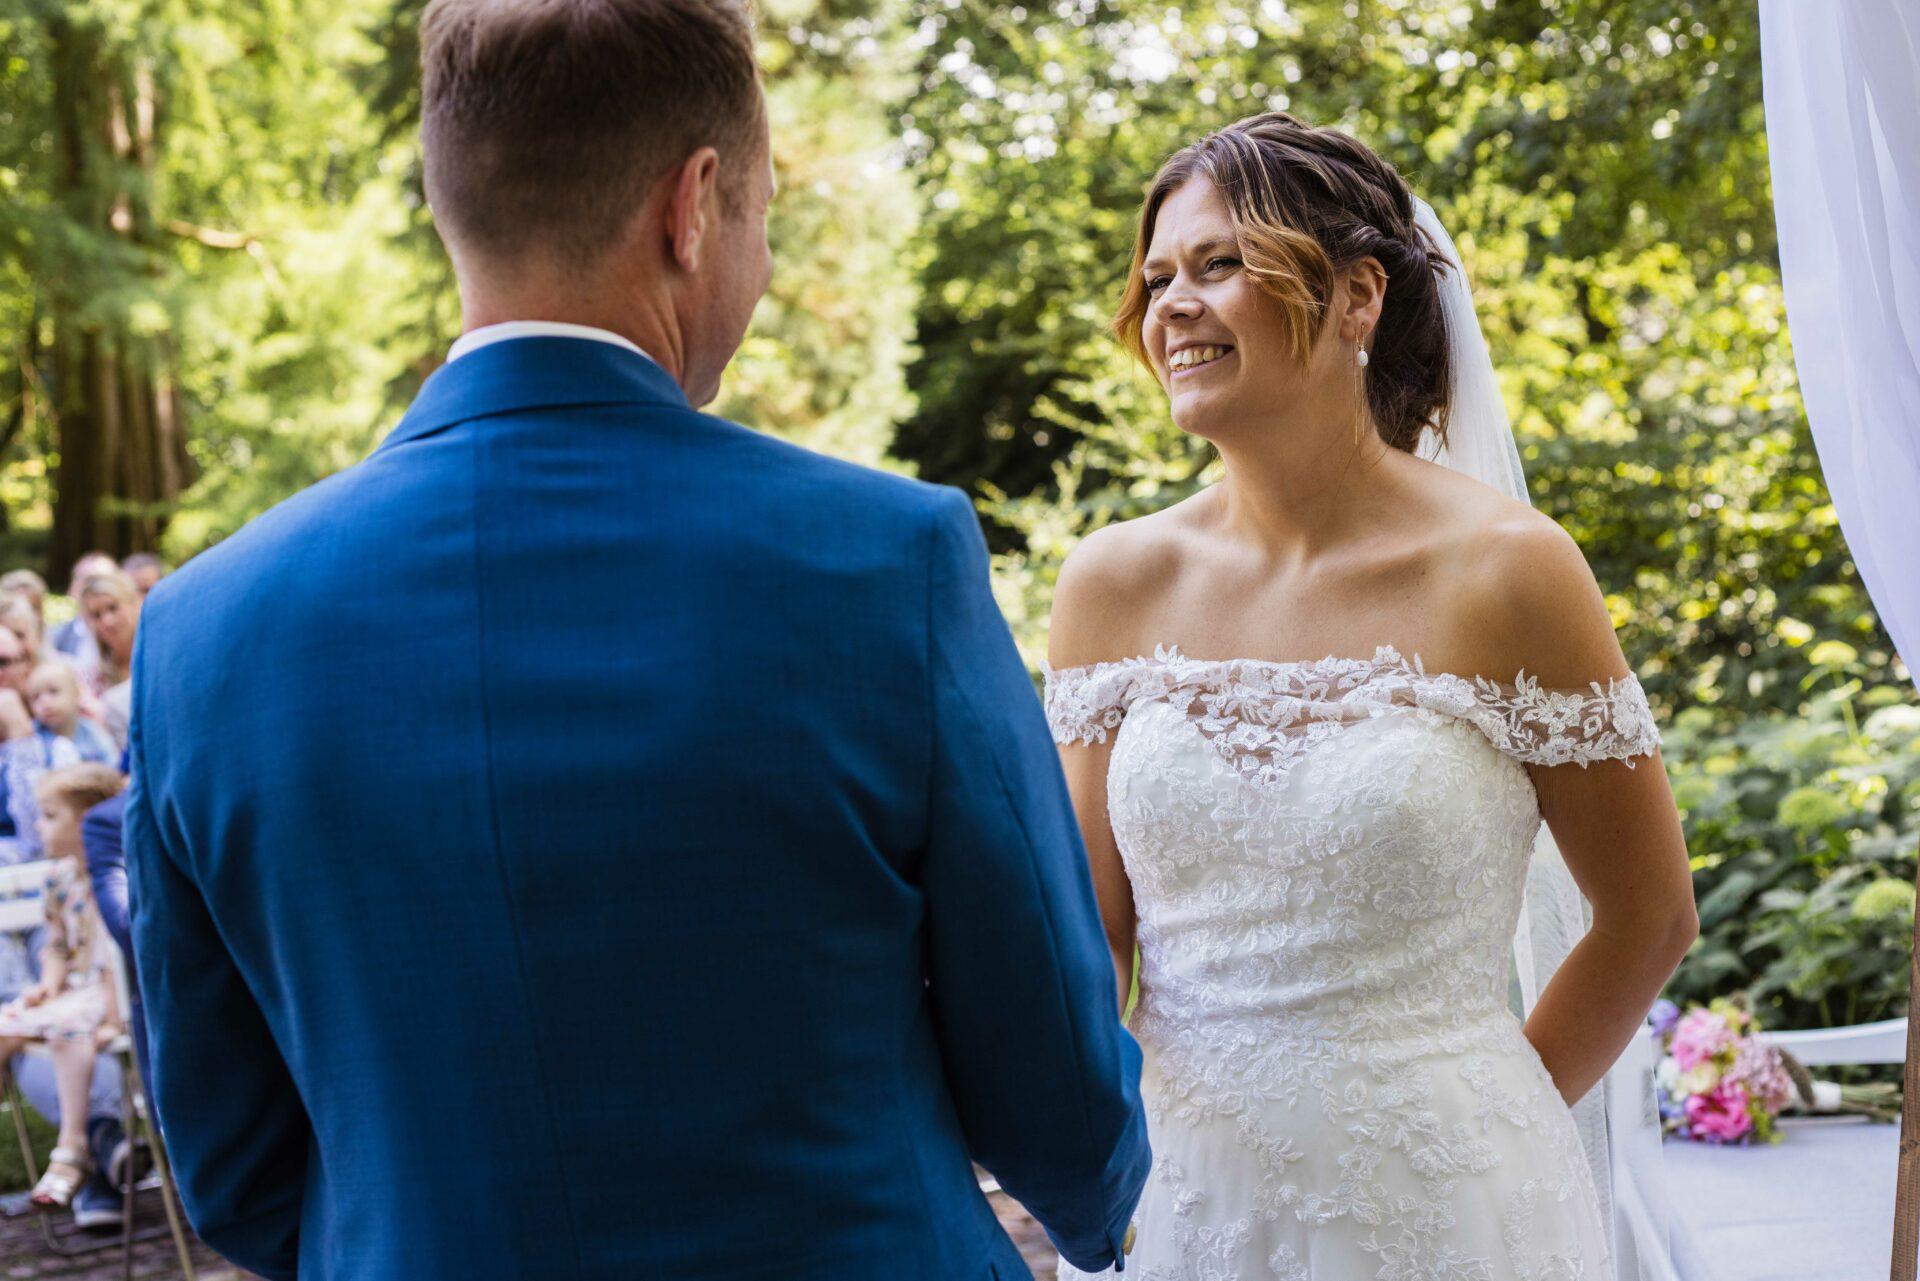 Geloftes bruiloft wel of niet